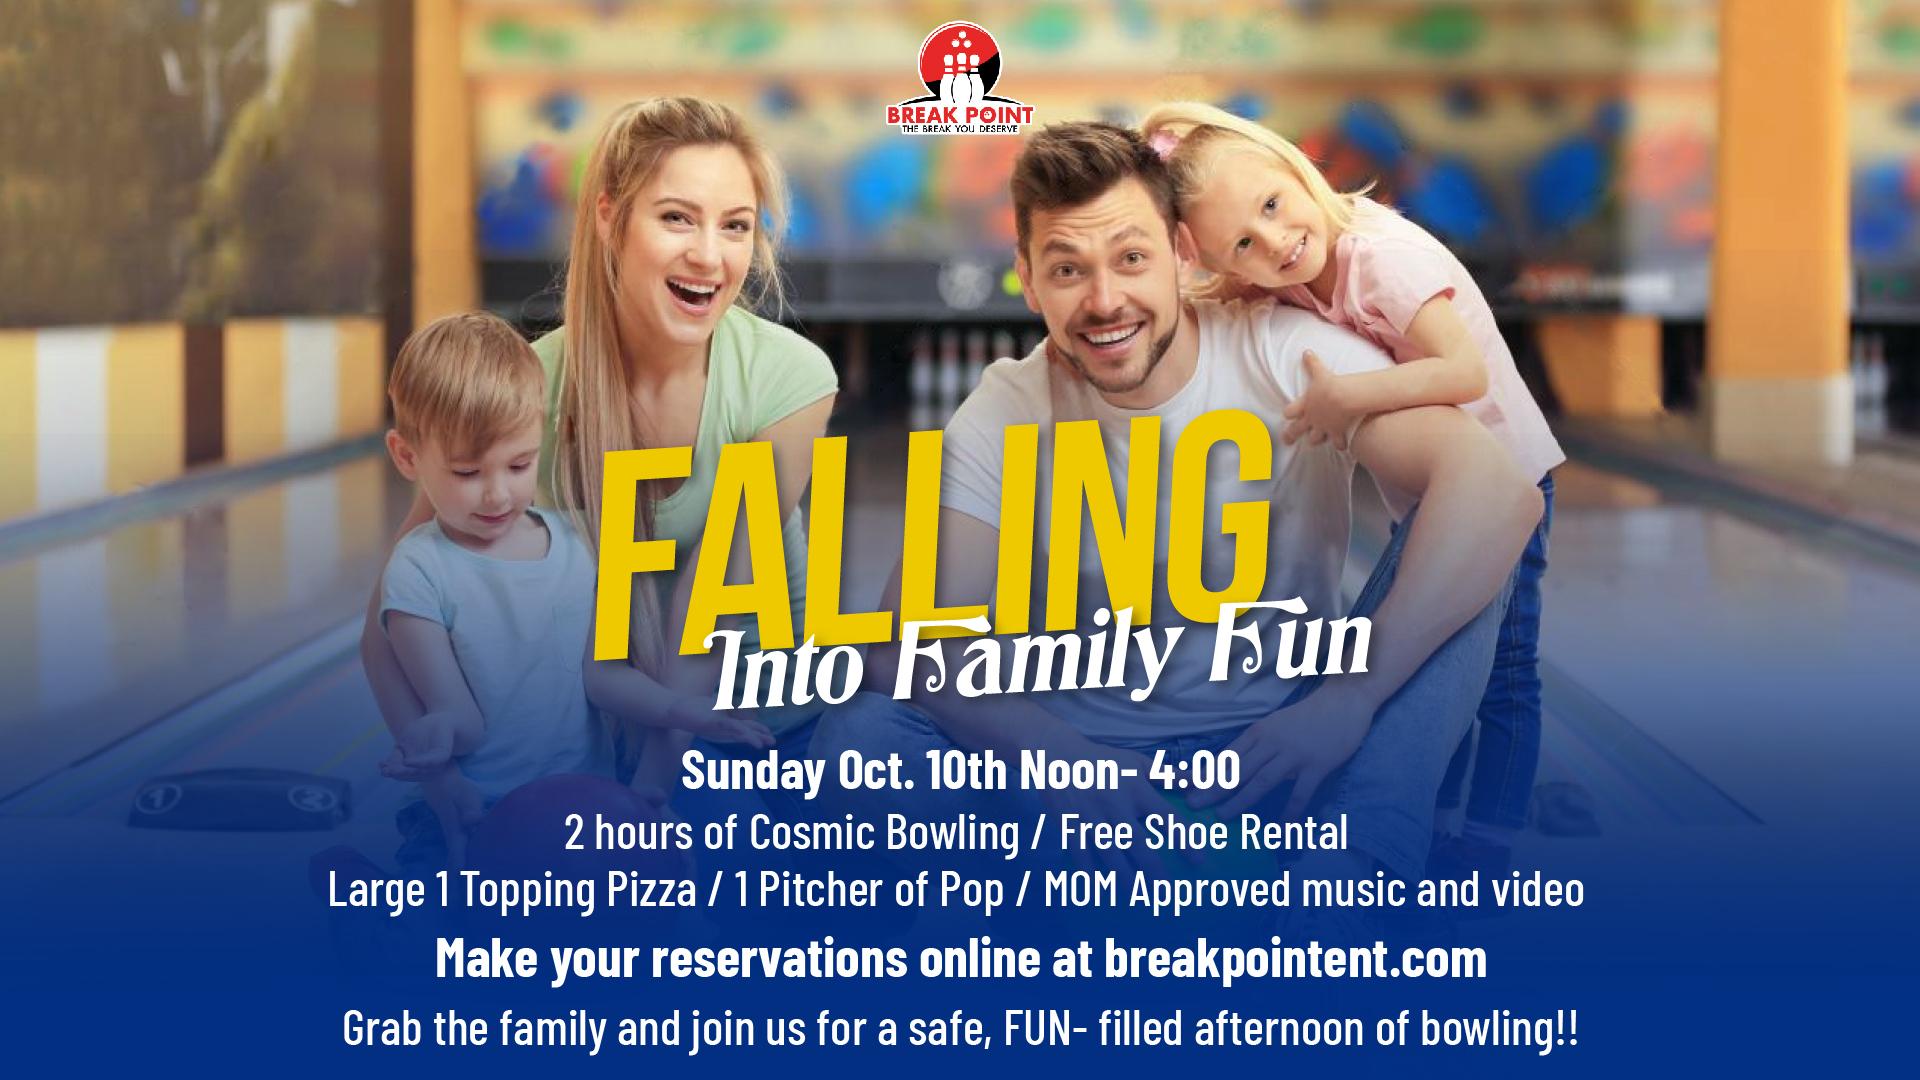 Falling into Family Fun